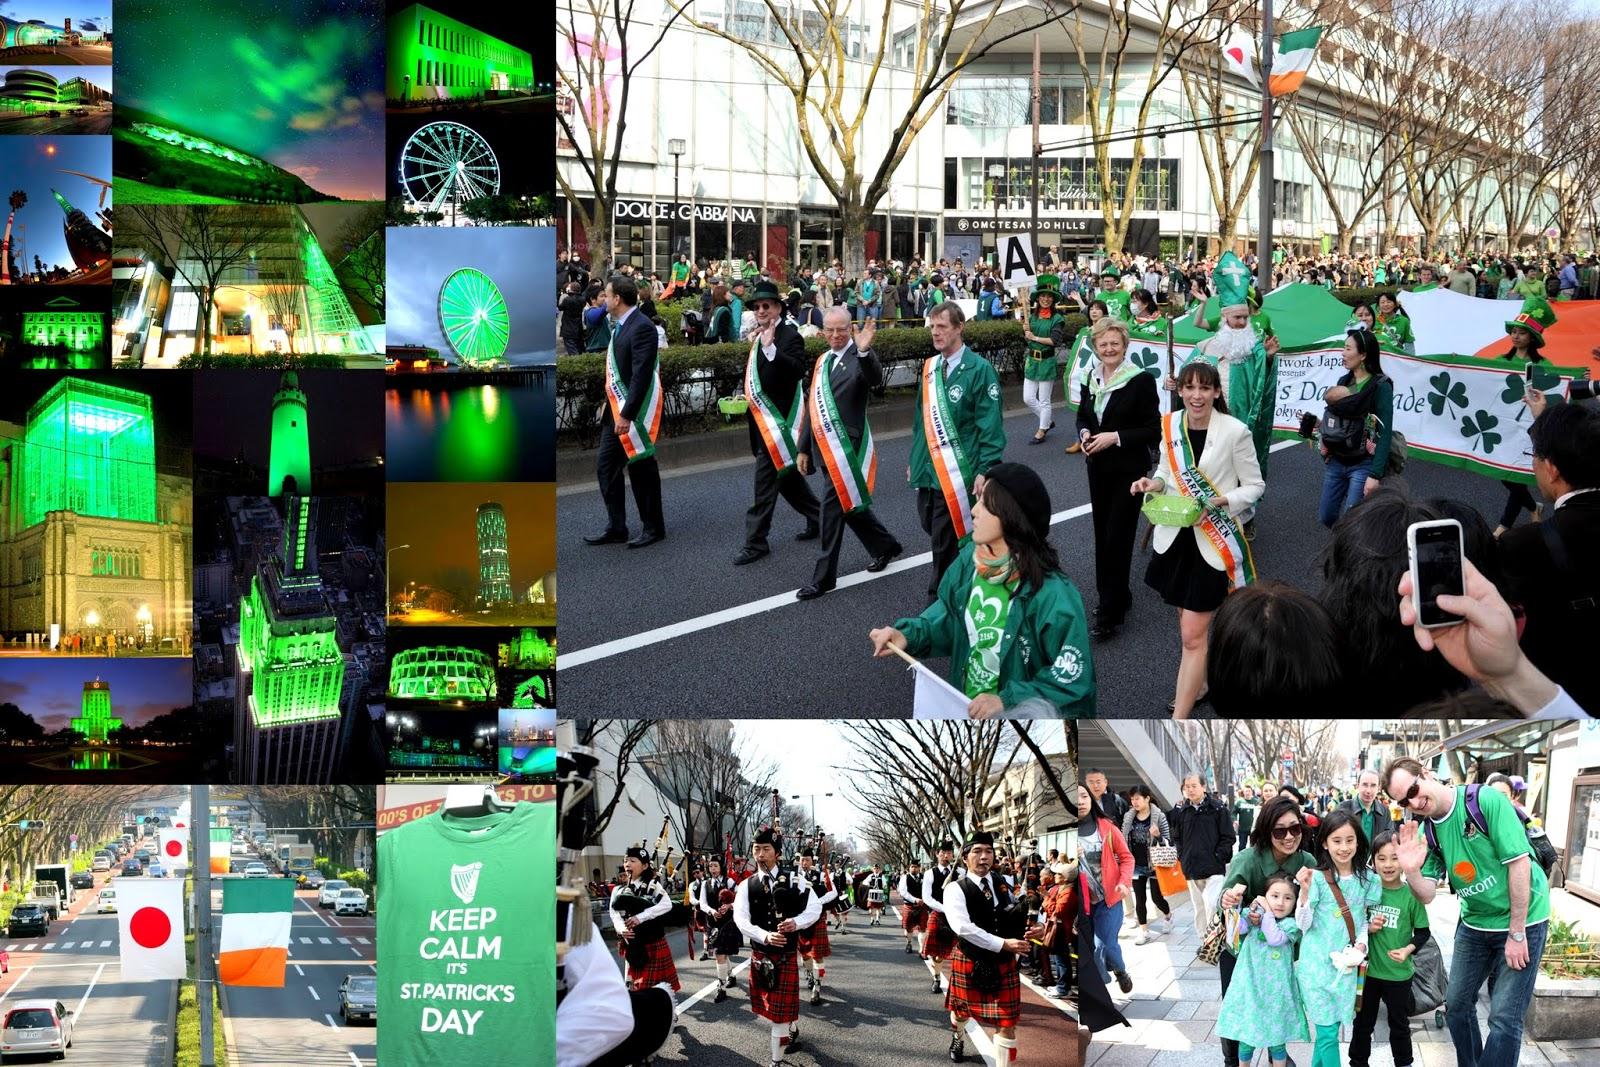 第22回セントパトリックスデーパレード東京パーフェクトガイド✰Ultimate 22nd St Patrick\u0027s Day Parade TOKYO  JAPAN GUIDE✰